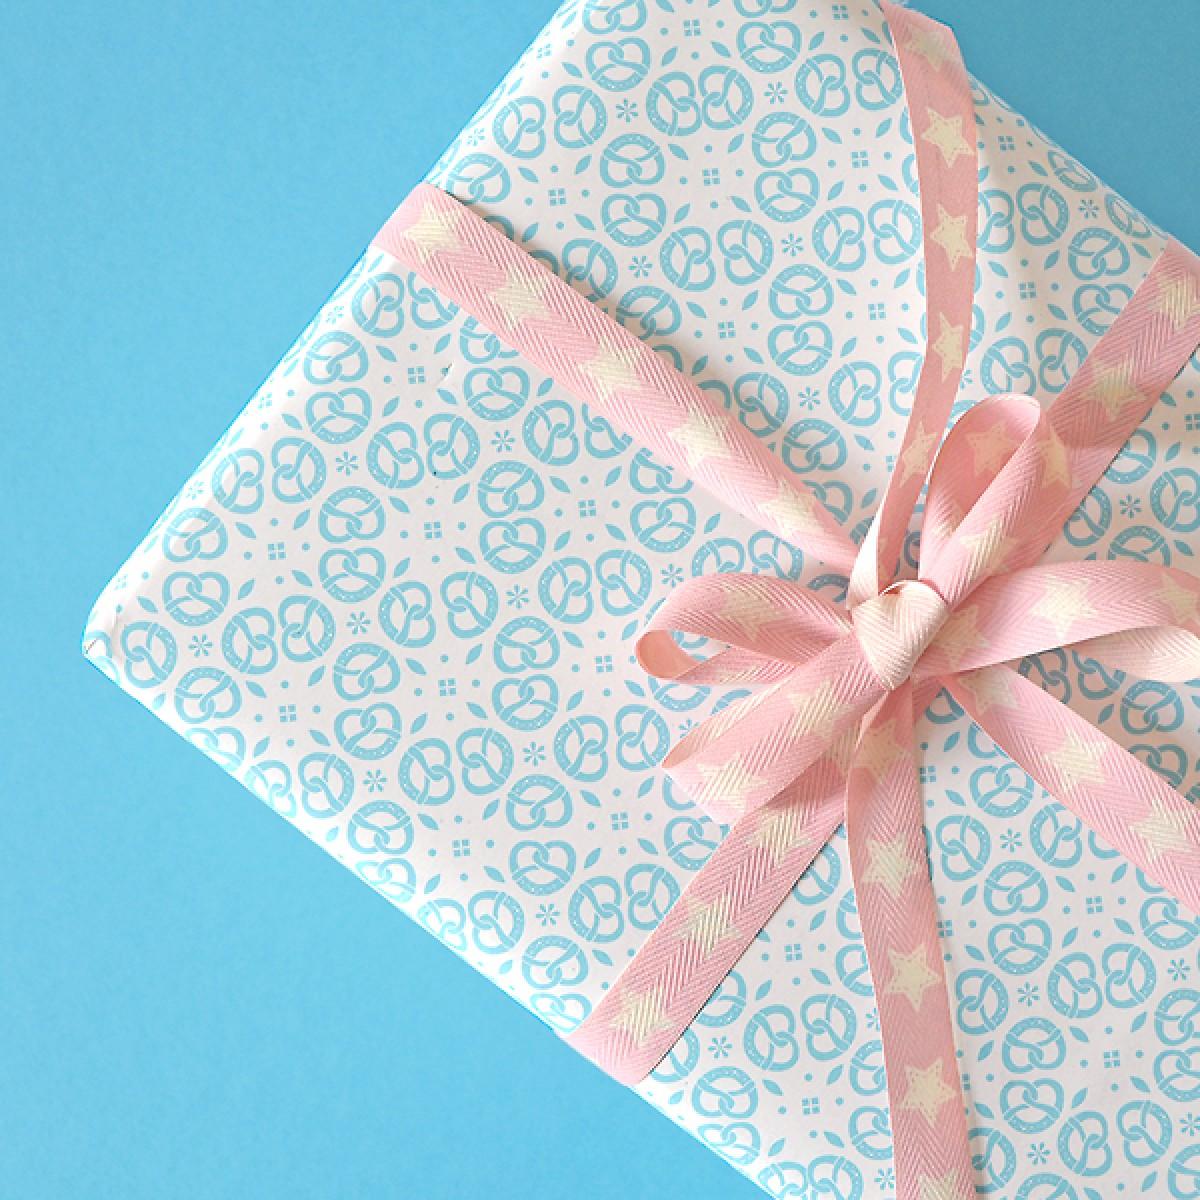 HEIMATFORMAT Geschenkpapier BREZEN Ornament blau // inkl. Versand